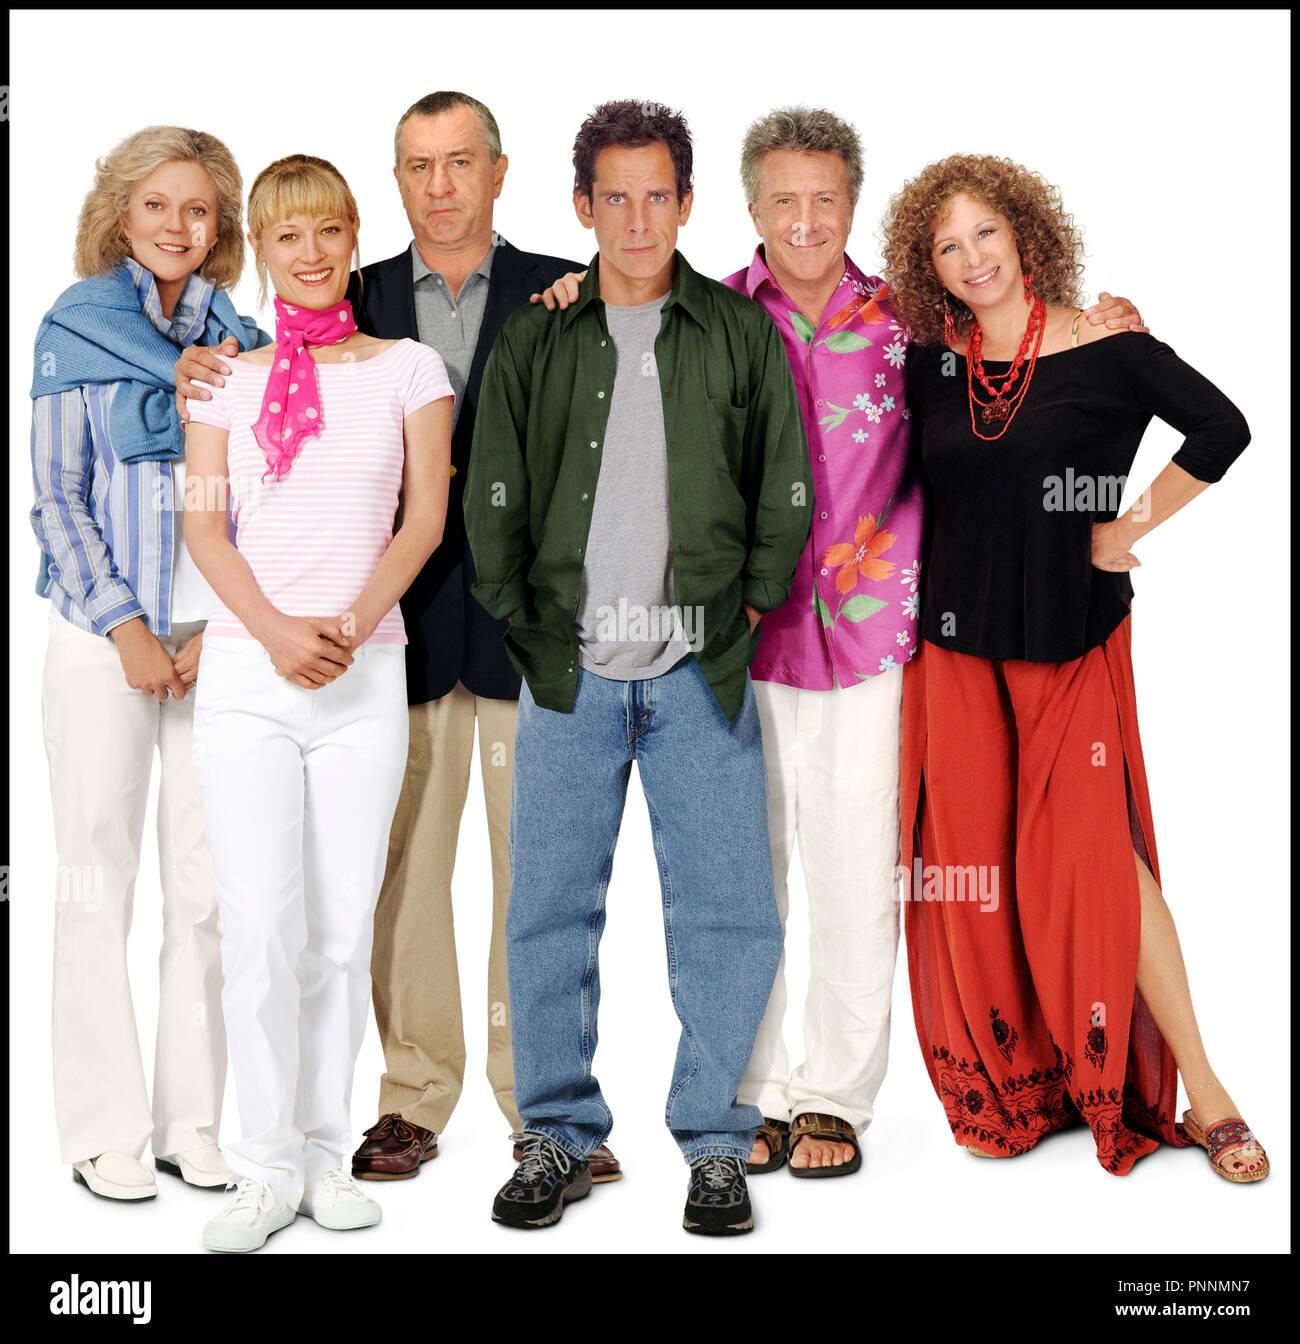 Prod DB © Universal Pictures - DreamWorks SKG / DR MON BEAU-PERE, MES PARENTS ET MOI (MEET THE FOCKERS) de Jay Roach 2004 USA avec Blythe Danner, Teri Polo, Robert De Niro, Ben Stiller, Dustin Hoffman et Barbra Streisand sequelle, belle-famille,  autres titres: Meet the Fokkers (USA) (working title) Meet the Parents 2 (USA) (working title) mon beau-pere mes parents et moi (FRA sans ponctuation) - Stock Image